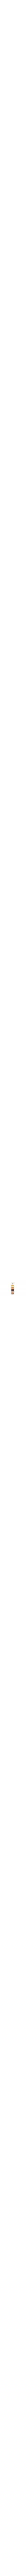 Colorful striped Mezuza